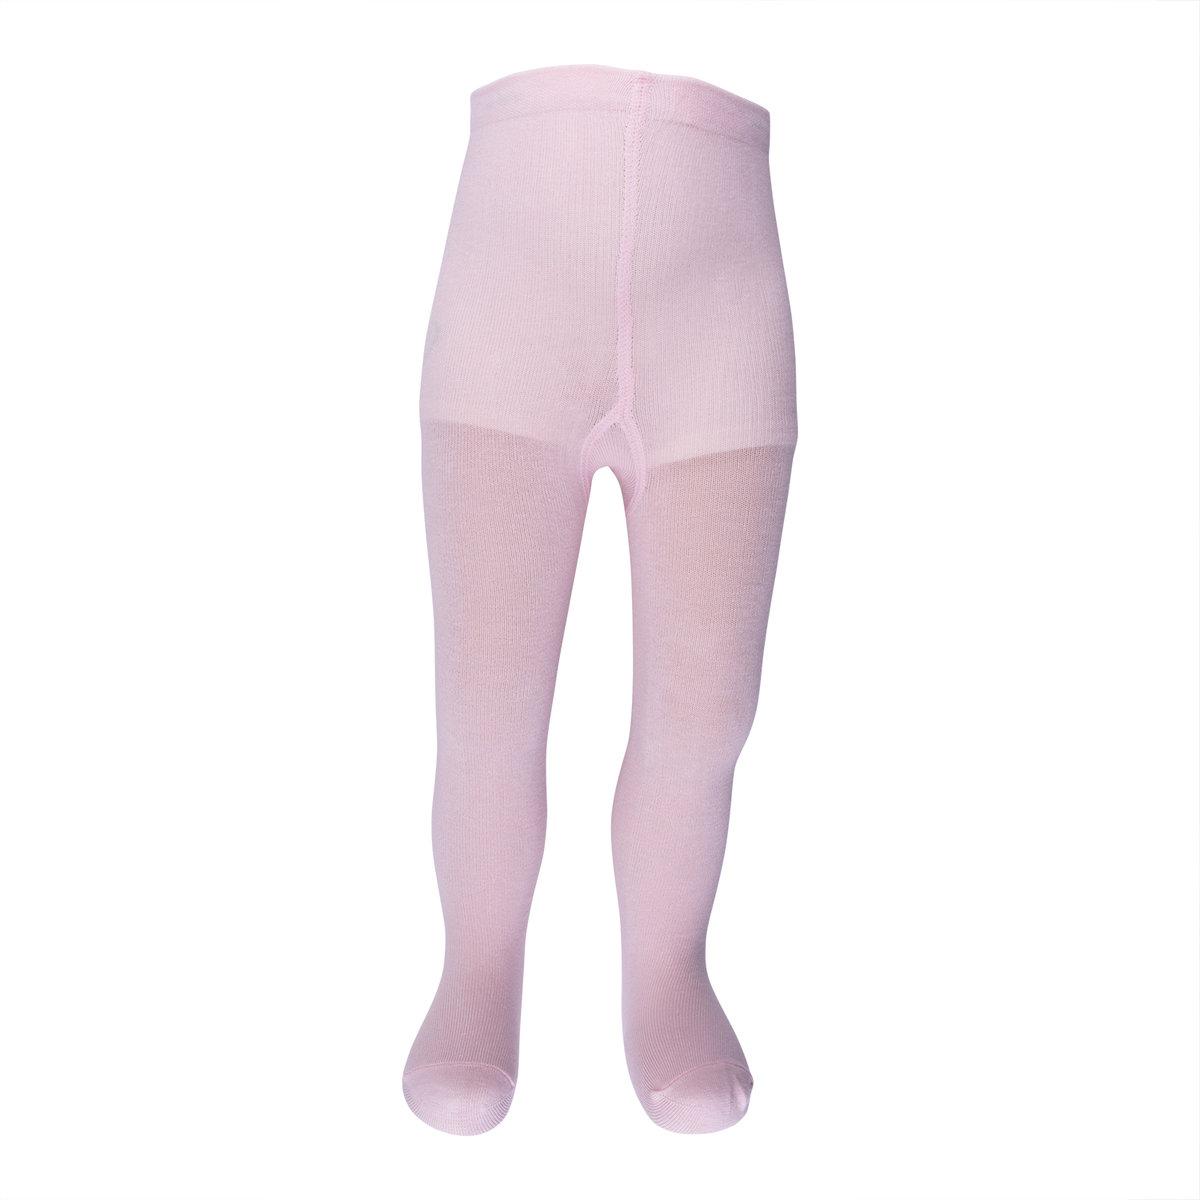 嬰兒有機棉襪褲 (粉紅色)-0-6M